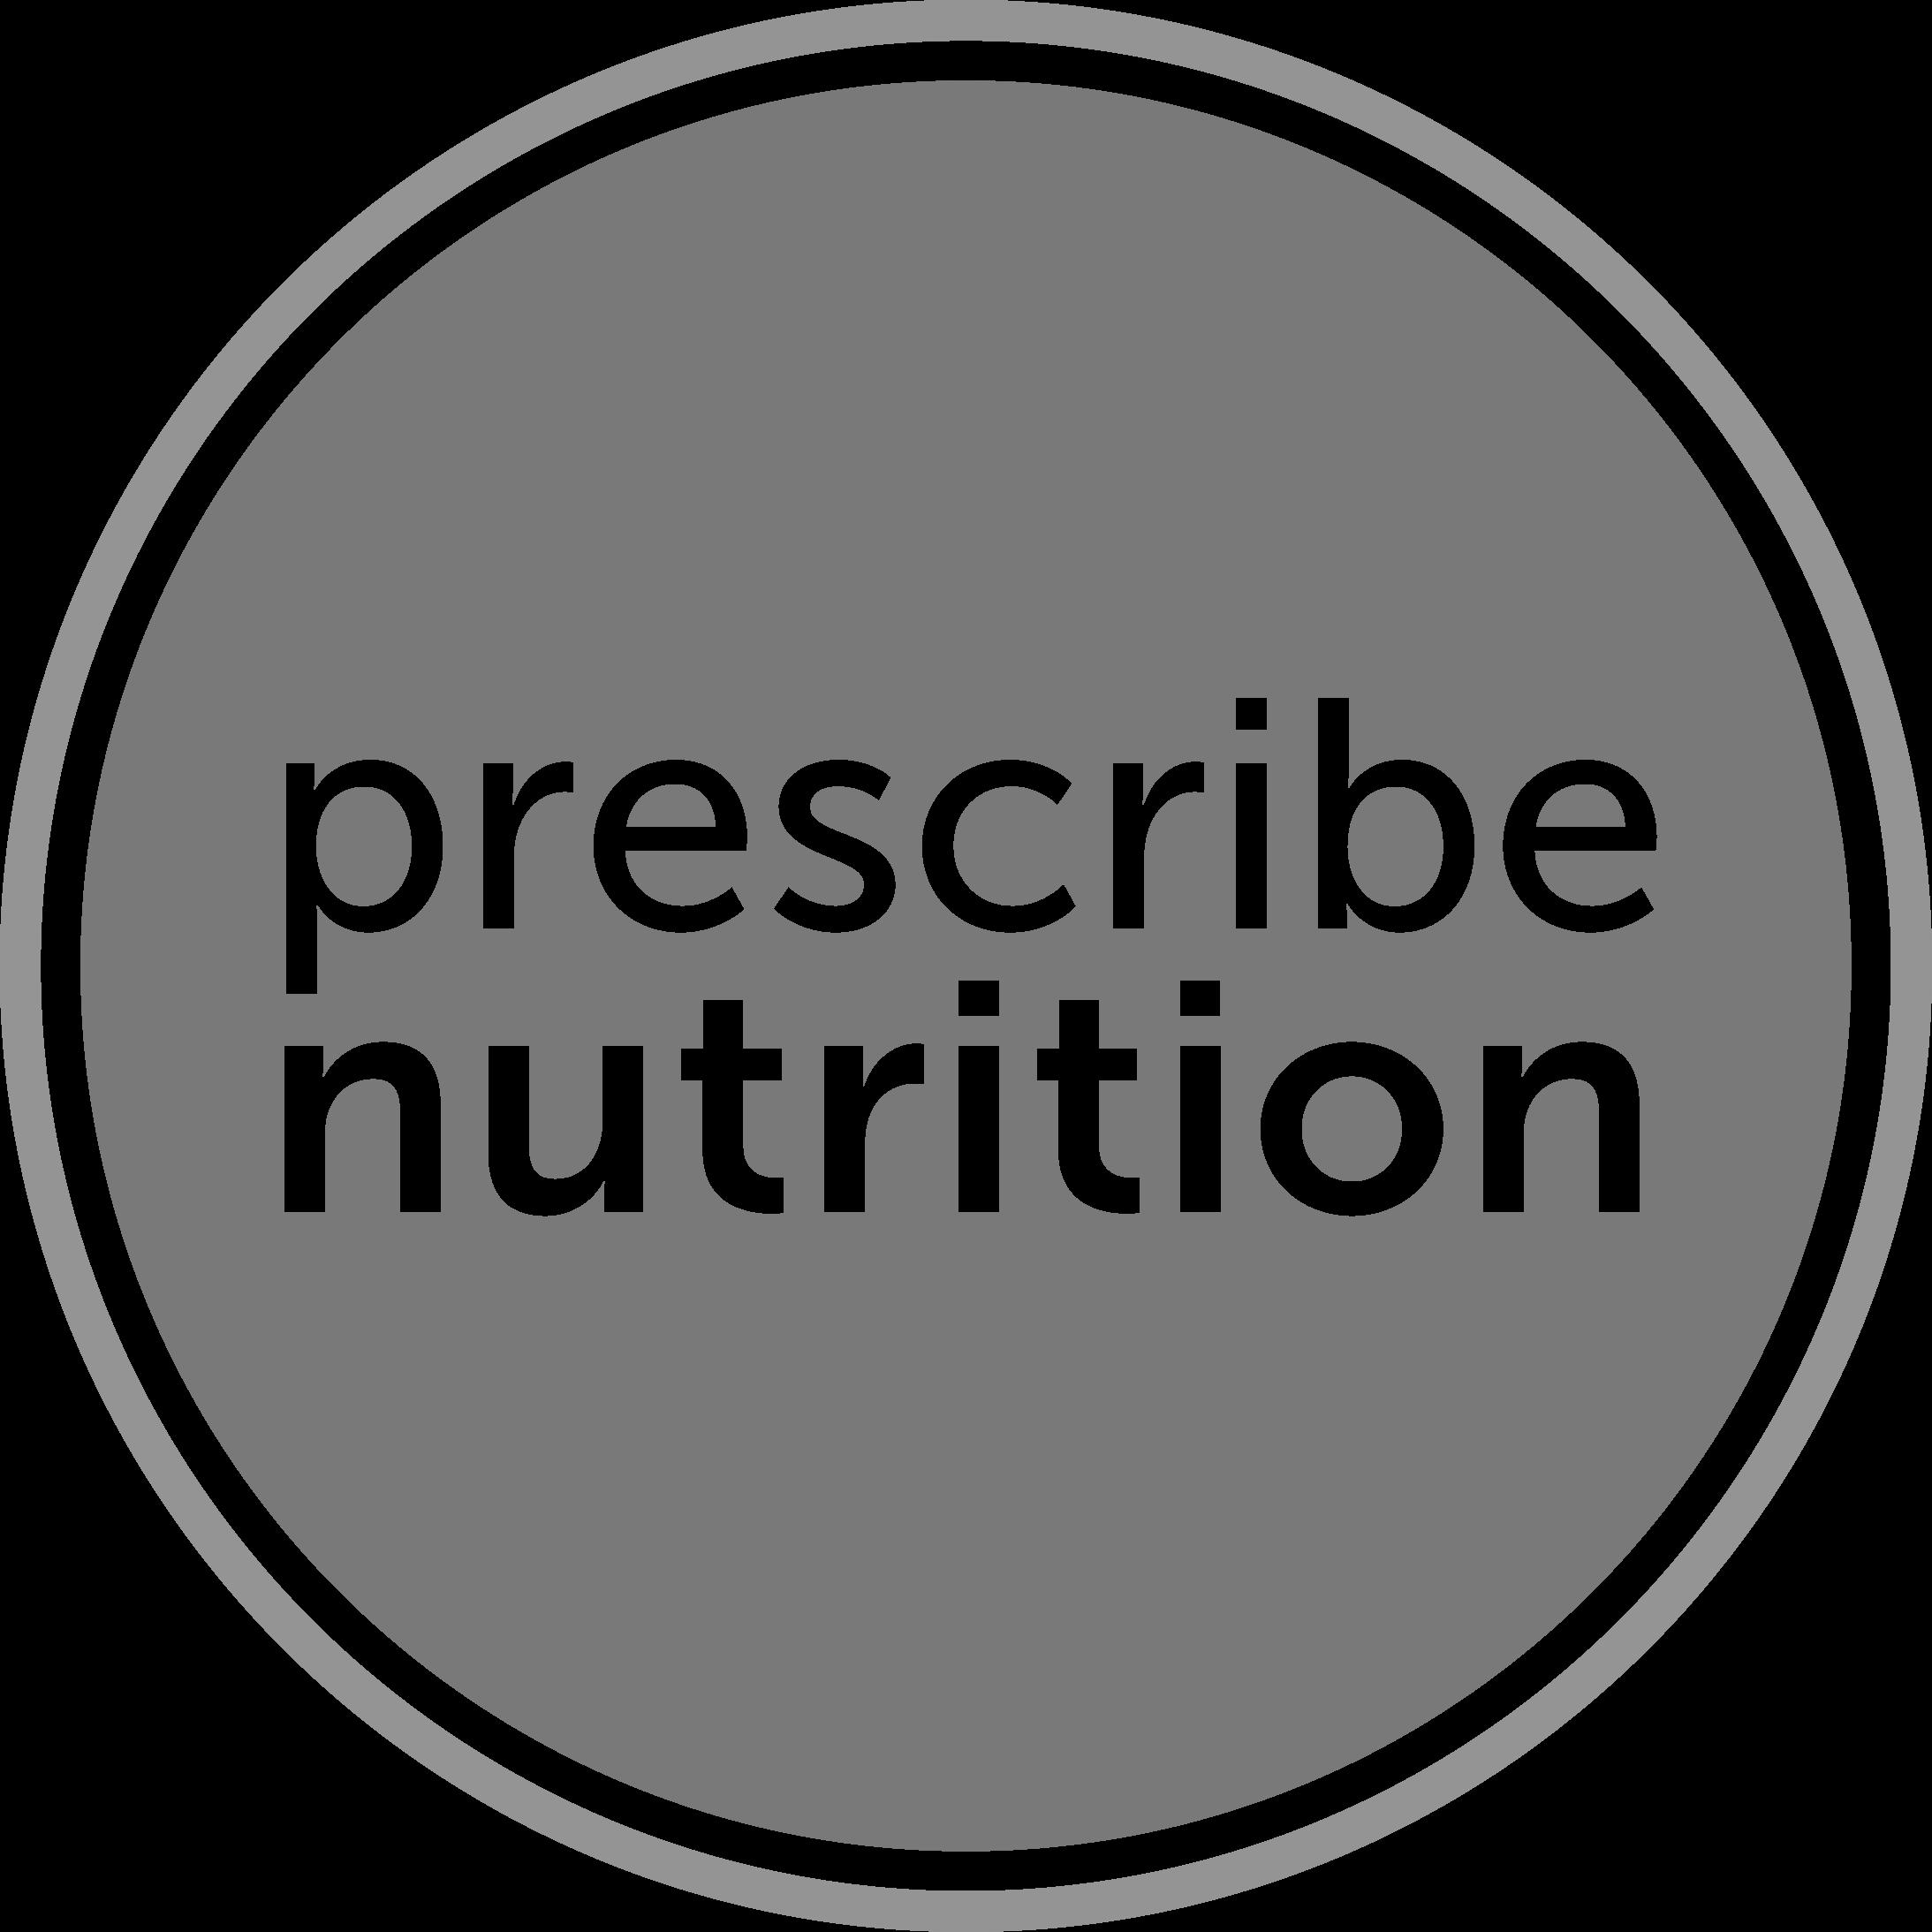 Prescribe Nutrition.png